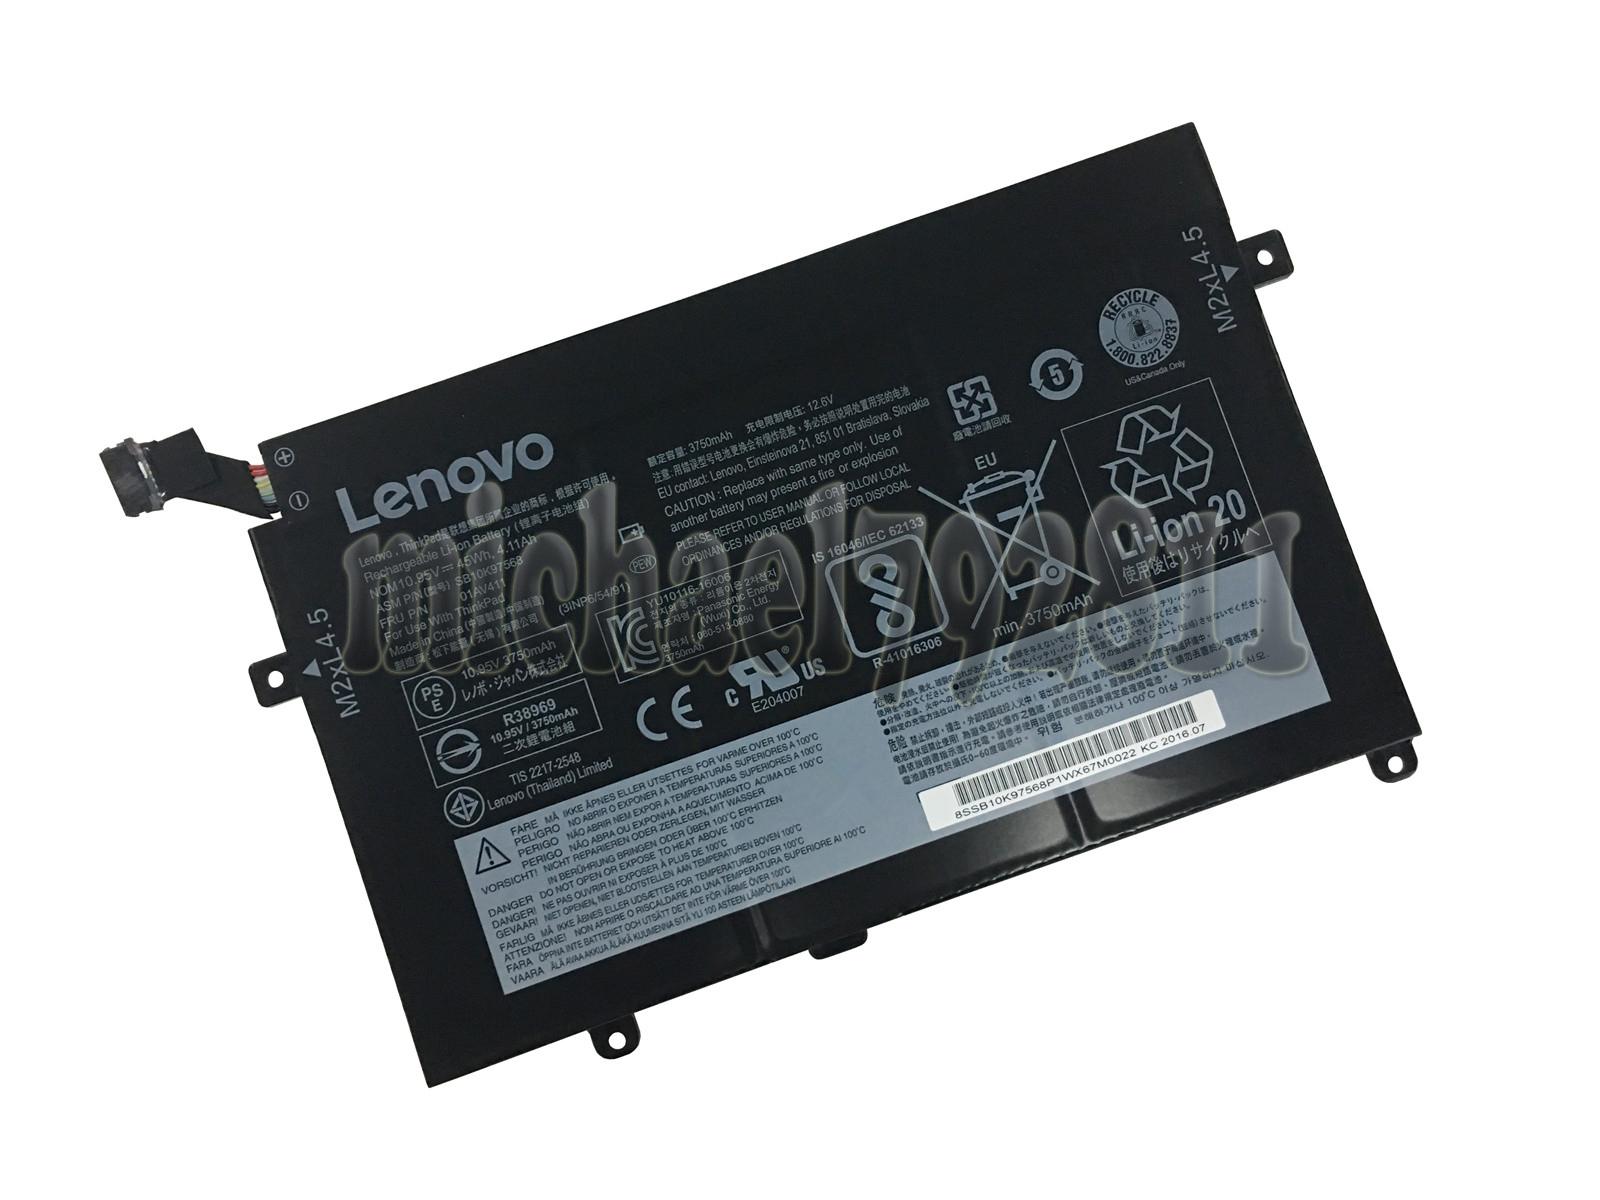 Details about Genuine 01AV411 Battery for Lenovo Thinkpad E470 E470C E475  01AV412 SB10K97568